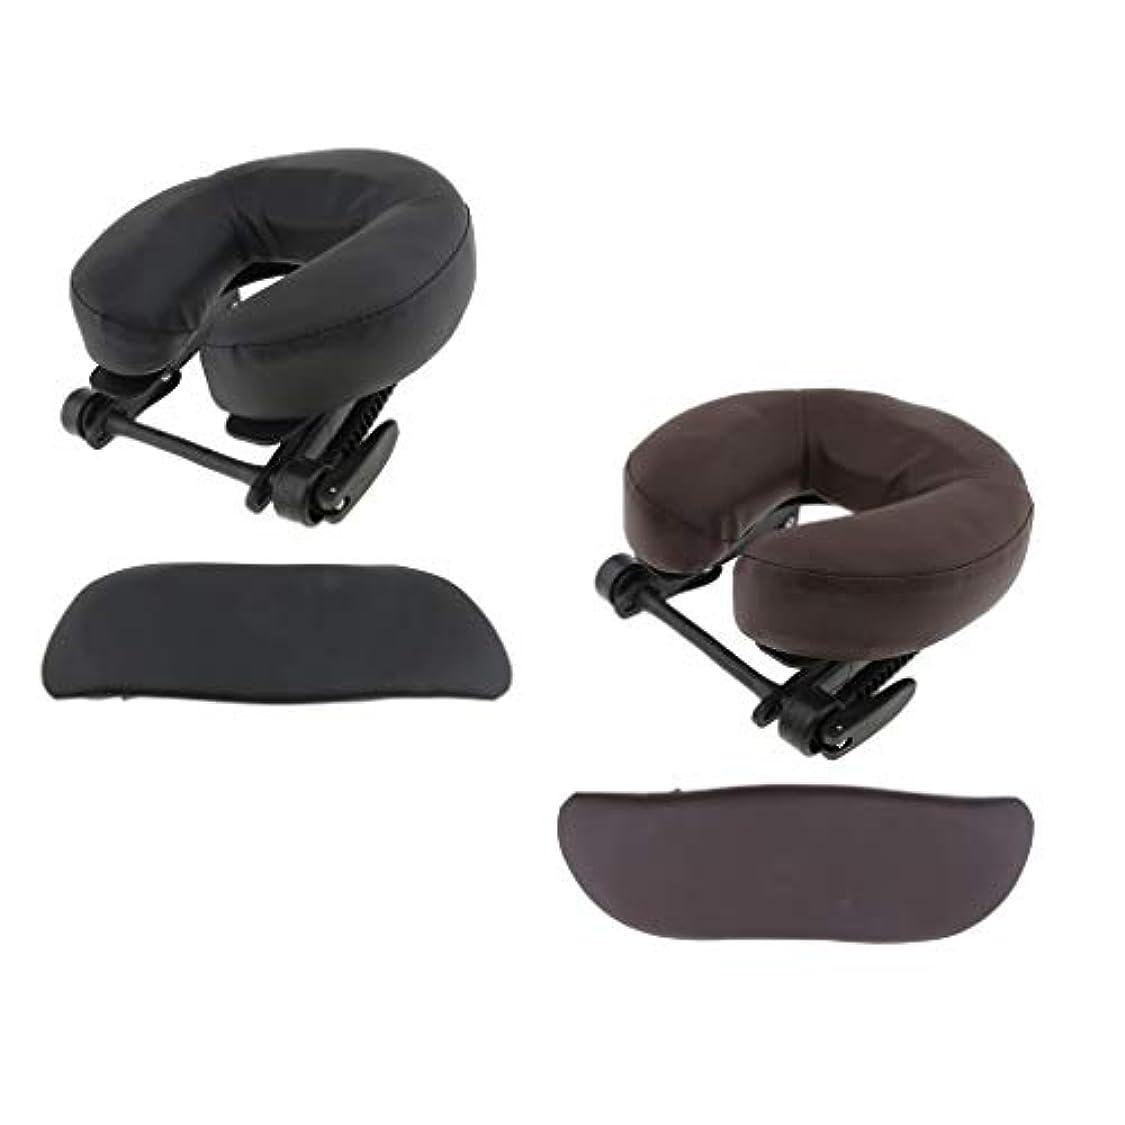 砦鳴らす保証するHellery 顔枕 マッサージ用 ボディマッサージ フェイスピロー フェイスピロー 枕 フェイスクレードルクッション - ブラウン+ブラック